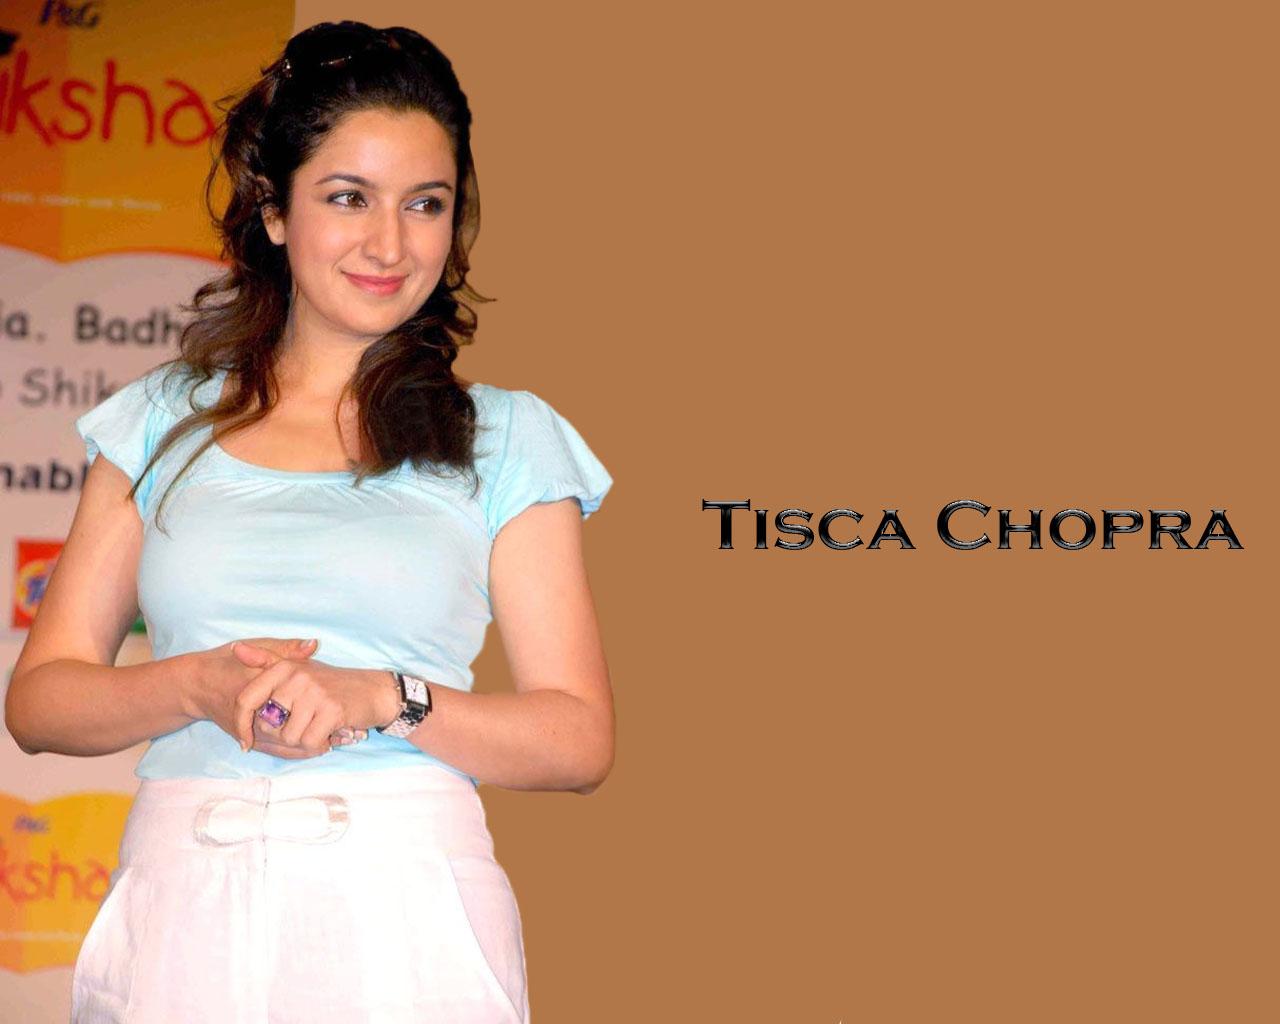 http://4.bp.blogspot.com/_RVTXL4Tq5jk/TVJzlfqehvI/AAAAAAAAHs8/aOVMy_oLxS4/s1600/tisca-chopra-super.jpg